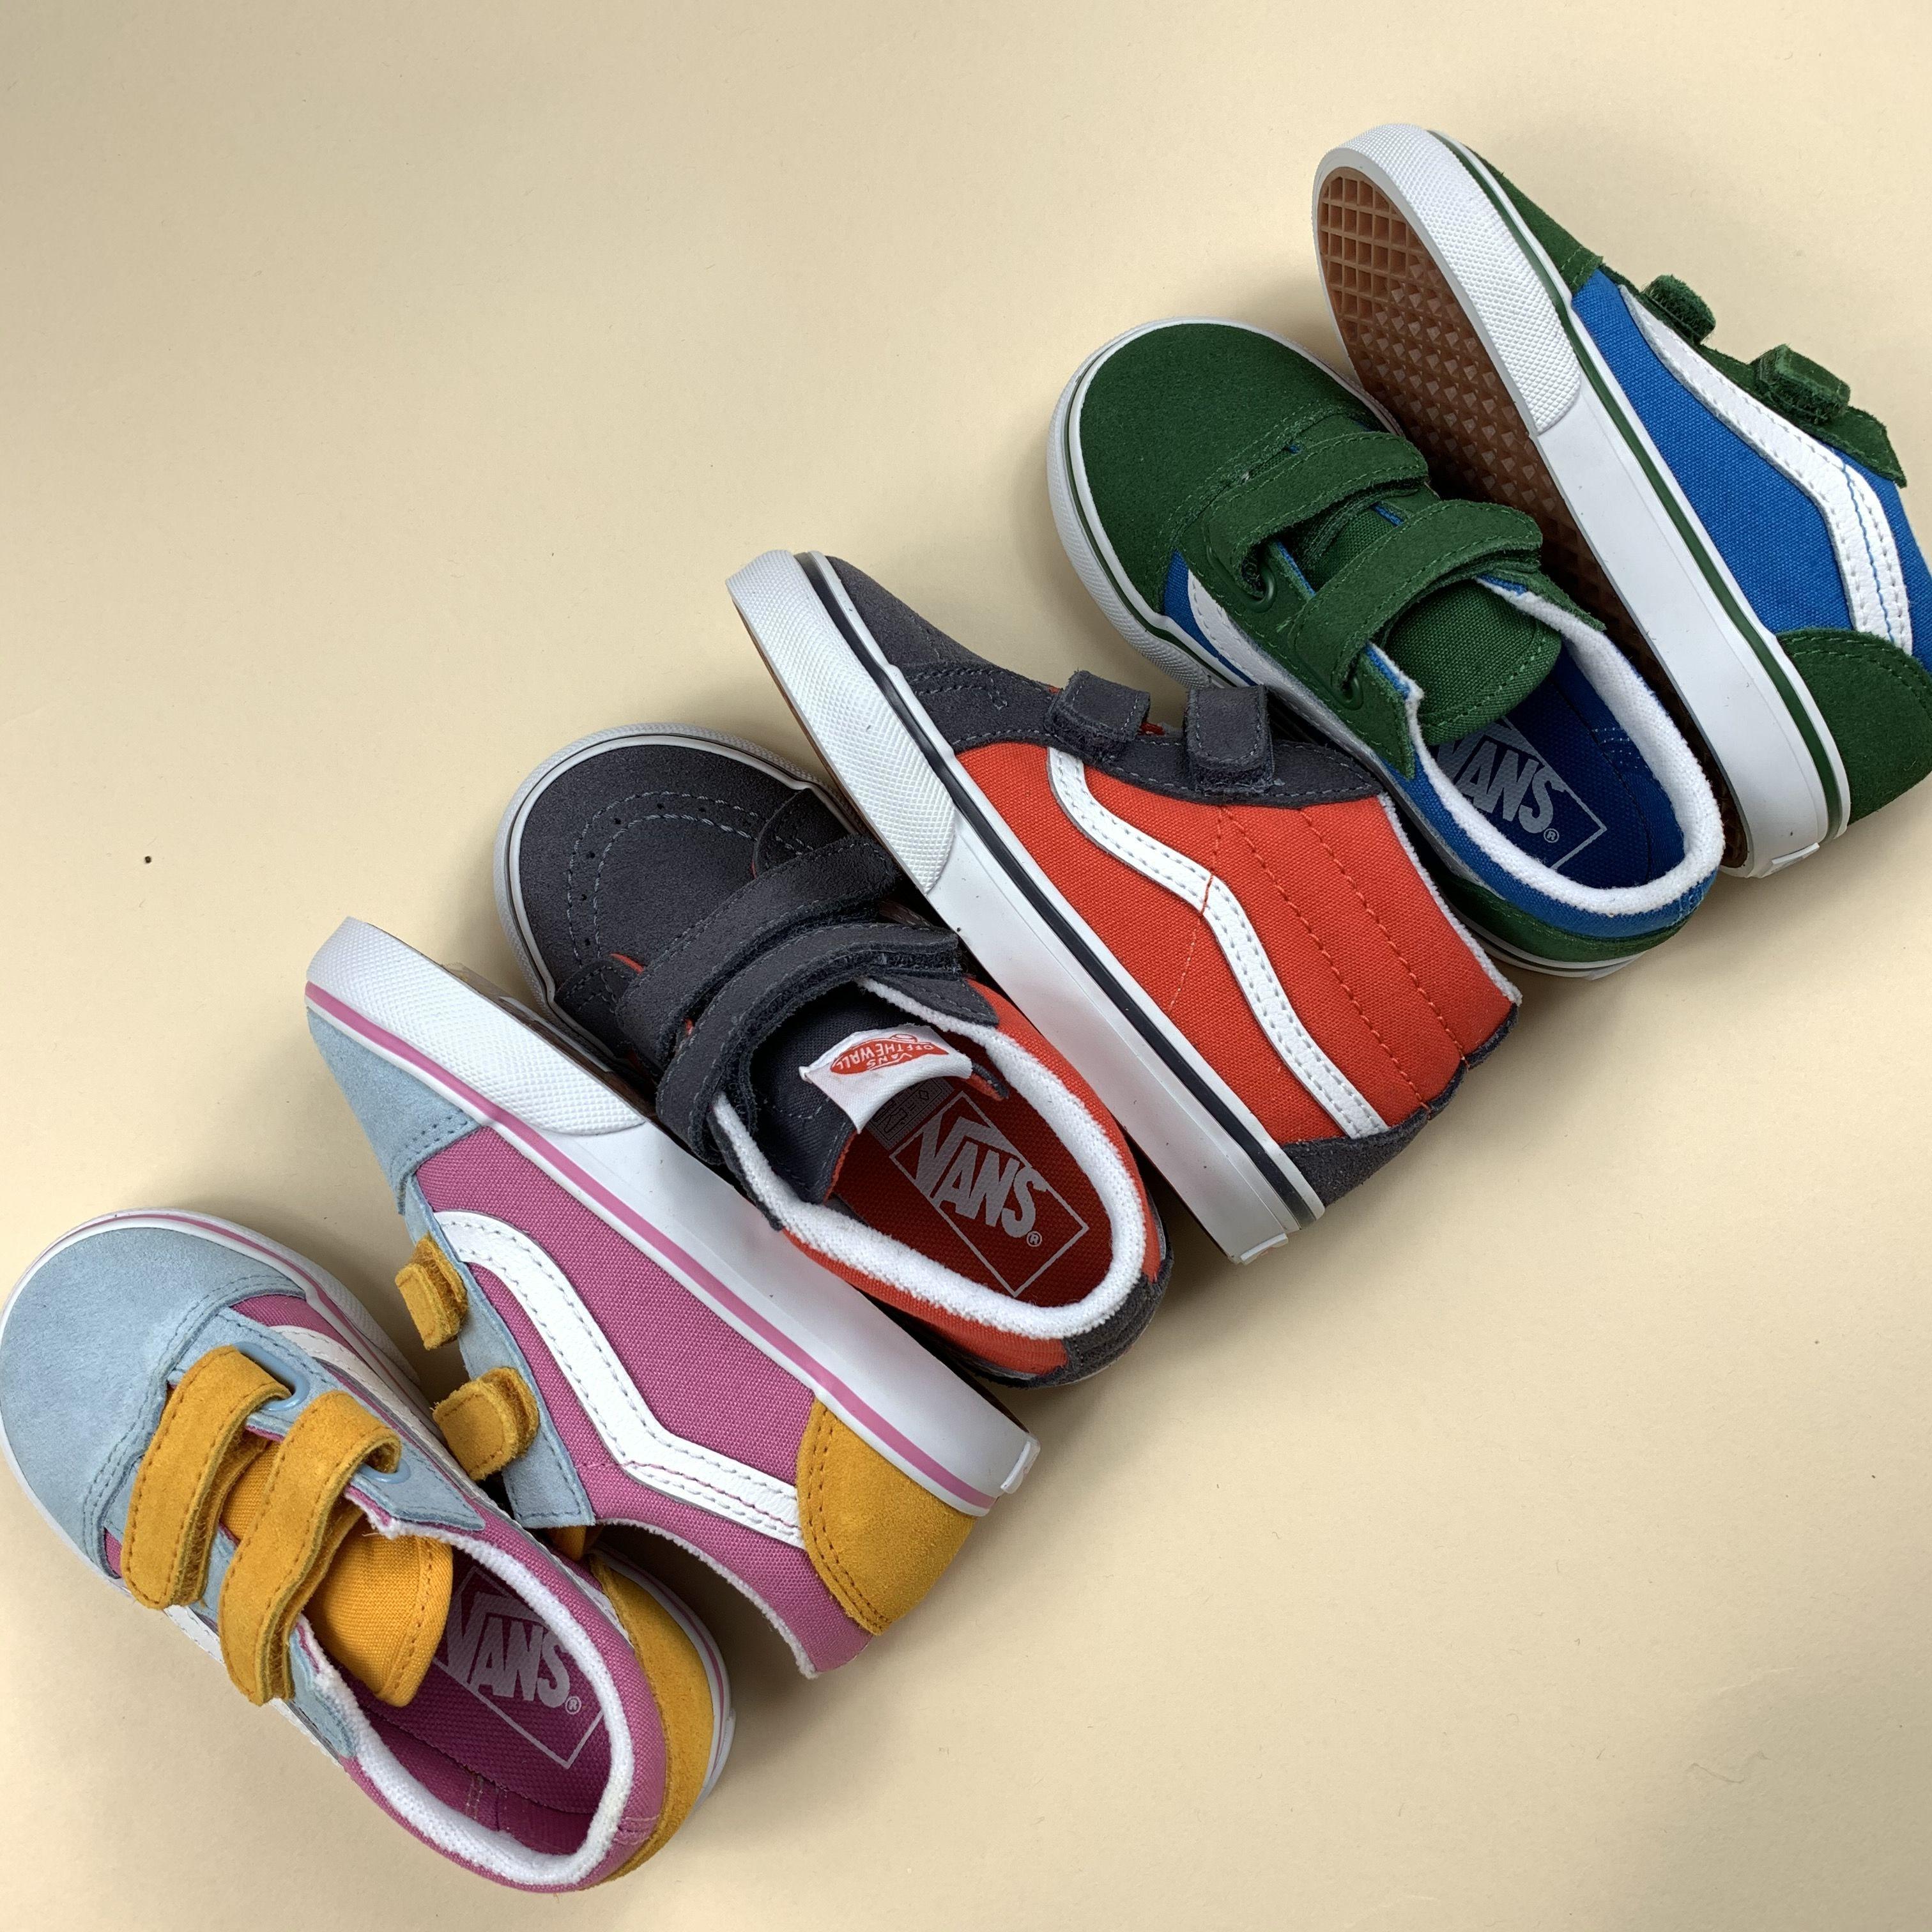 Kids Vans in 2020 | Vans shoes kids